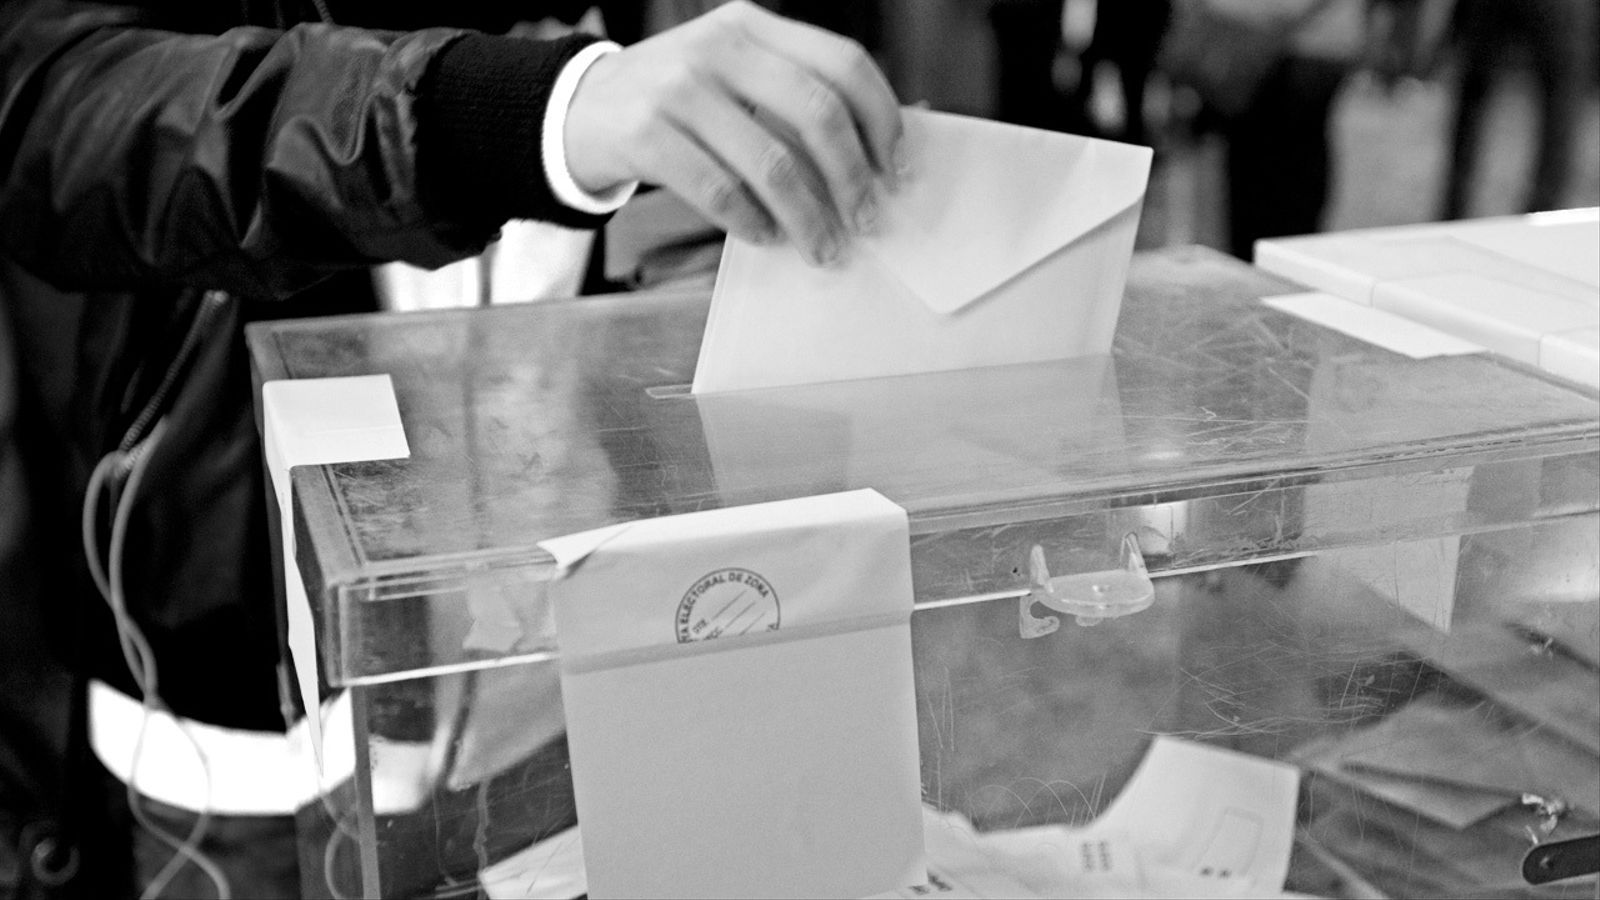 L'anàlisi d'Antoni Bassas: 'El problema no seran les urnes'